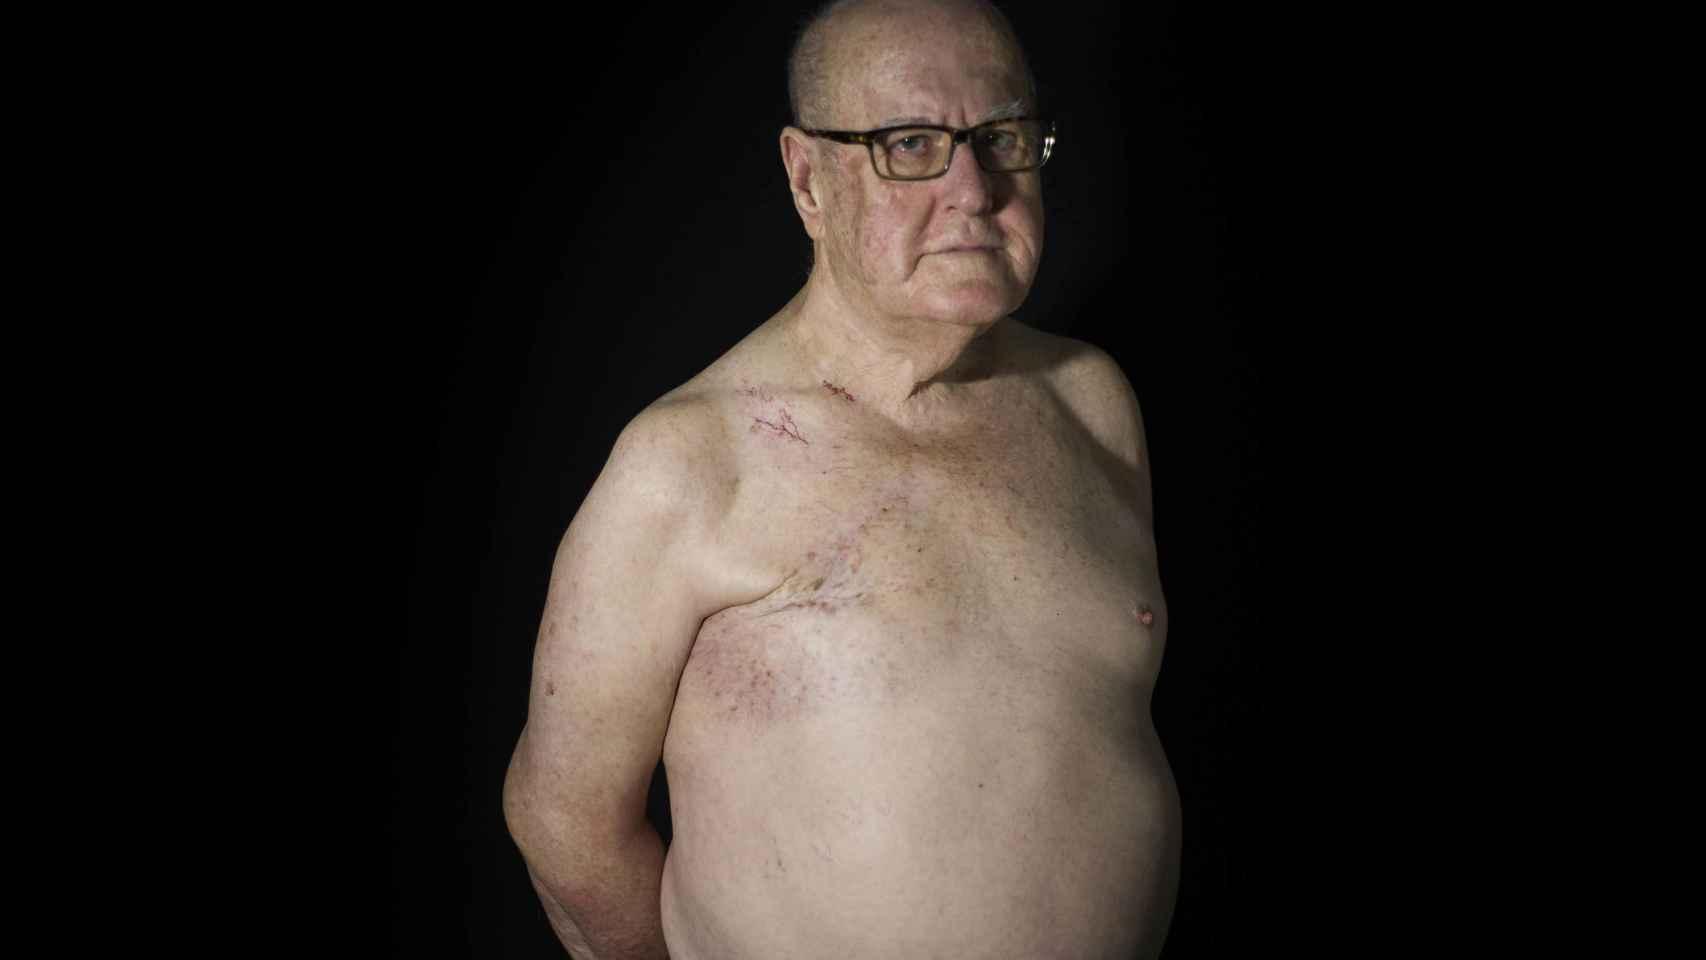 Un 1% de los casos de cáncer de mama se dan en varones.